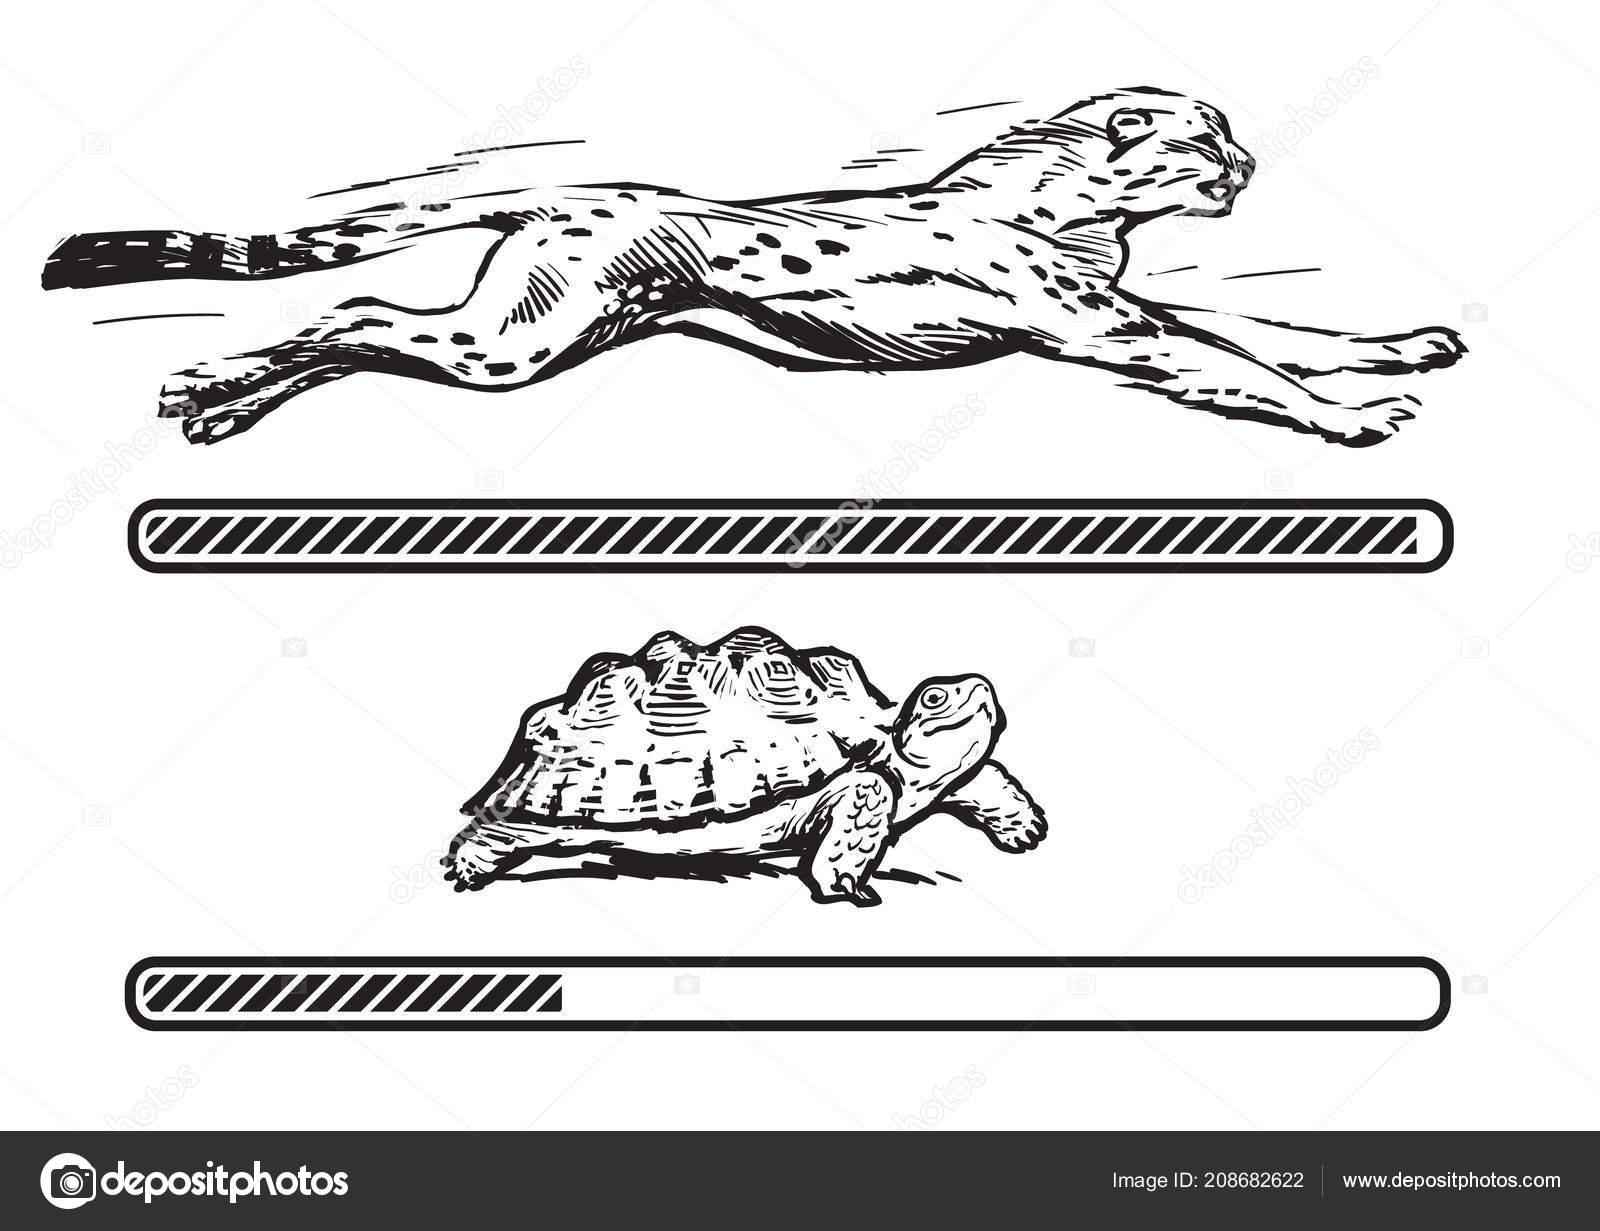 ajuta leopard gecko sa slabeasca)